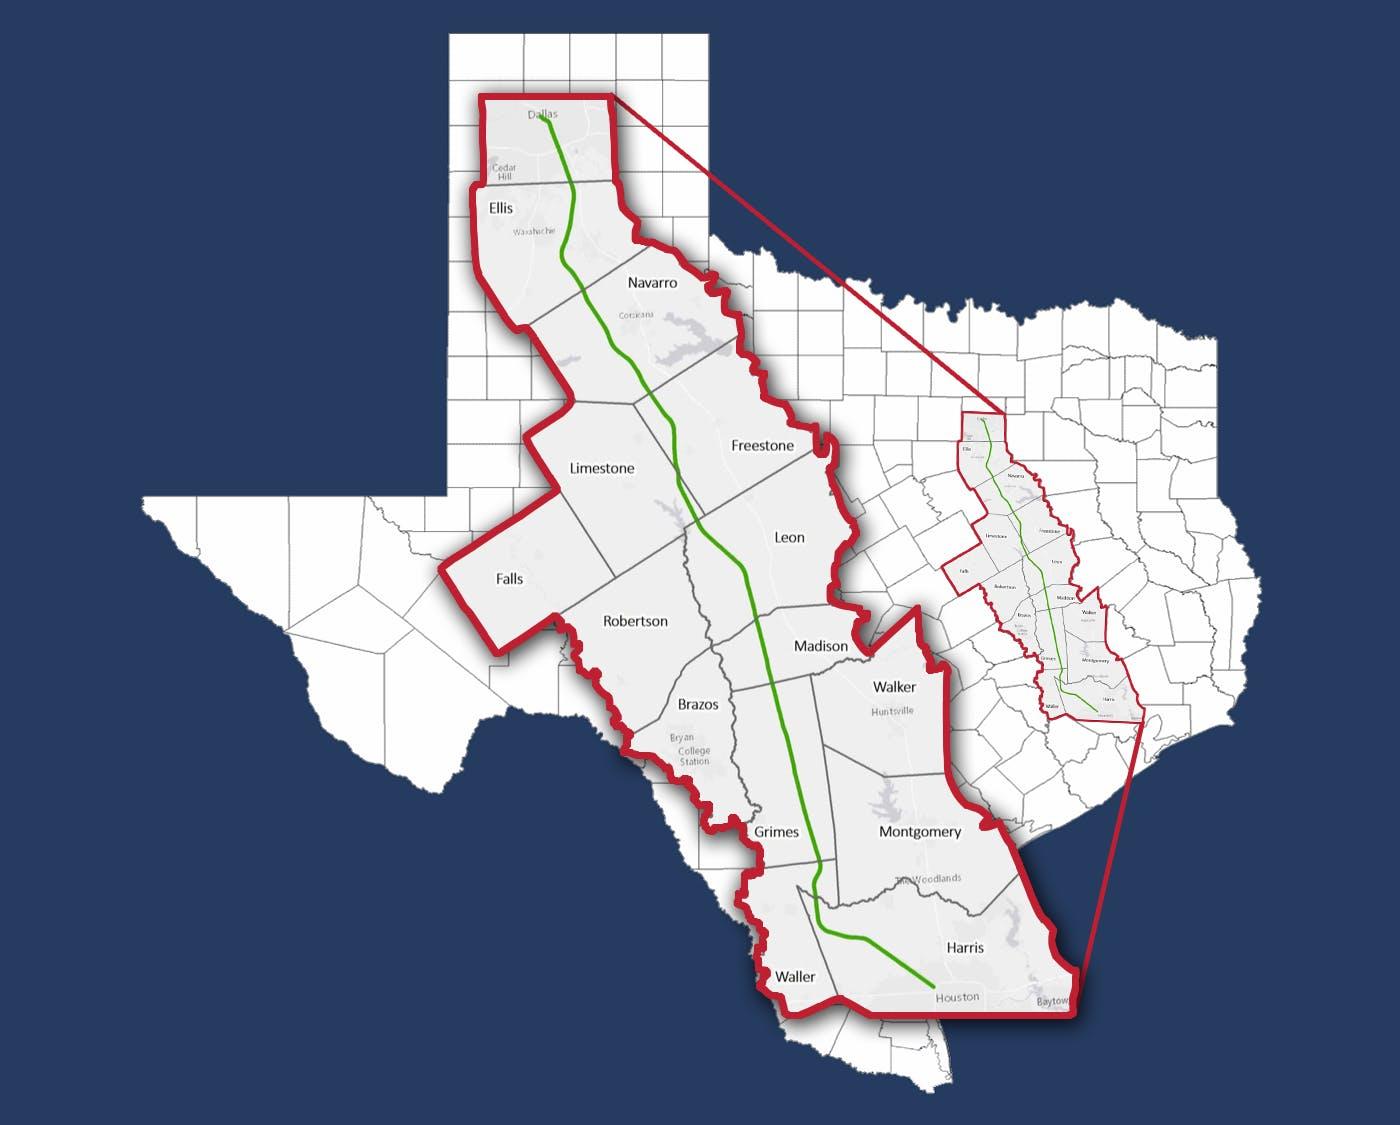 Texas Central Railway Map Texas High Speed Rail route takes a big step forward | News